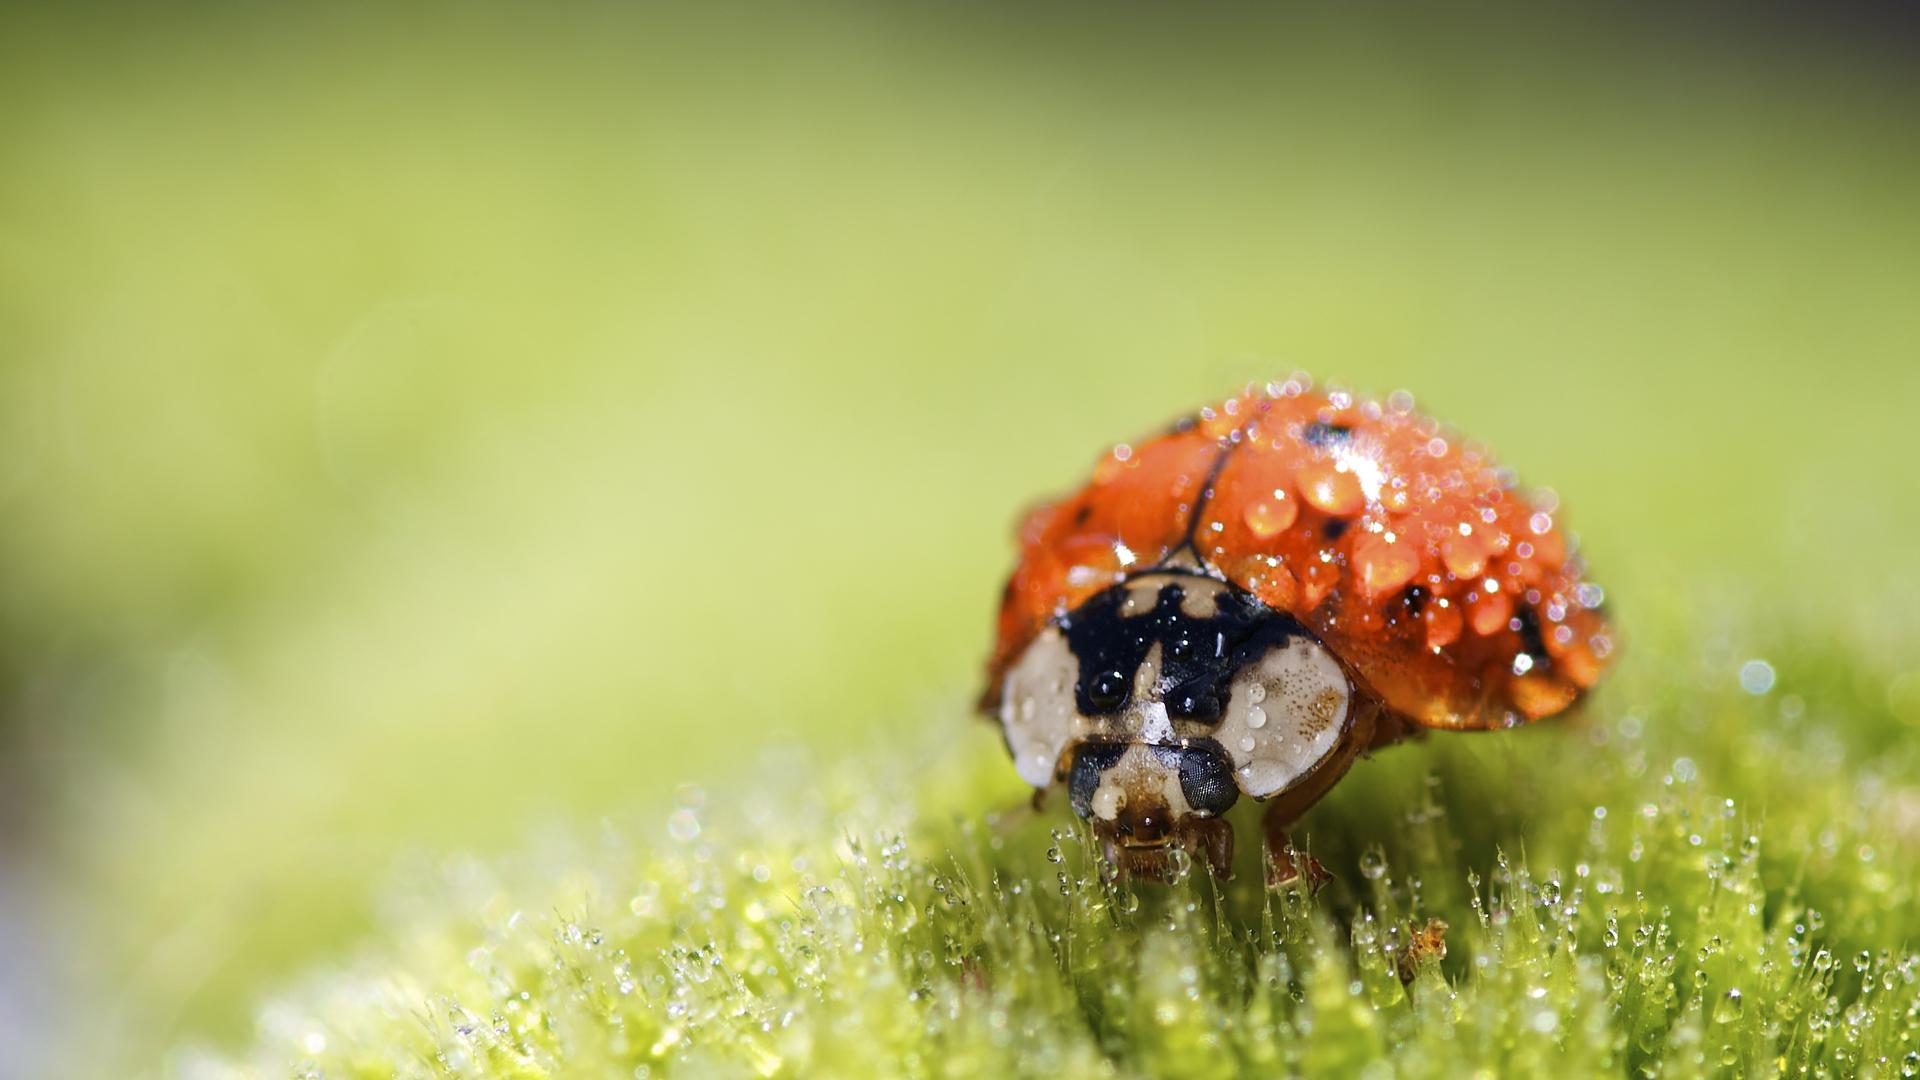 природа макро насекомое божья коровка цветы  № 3854276 без смс